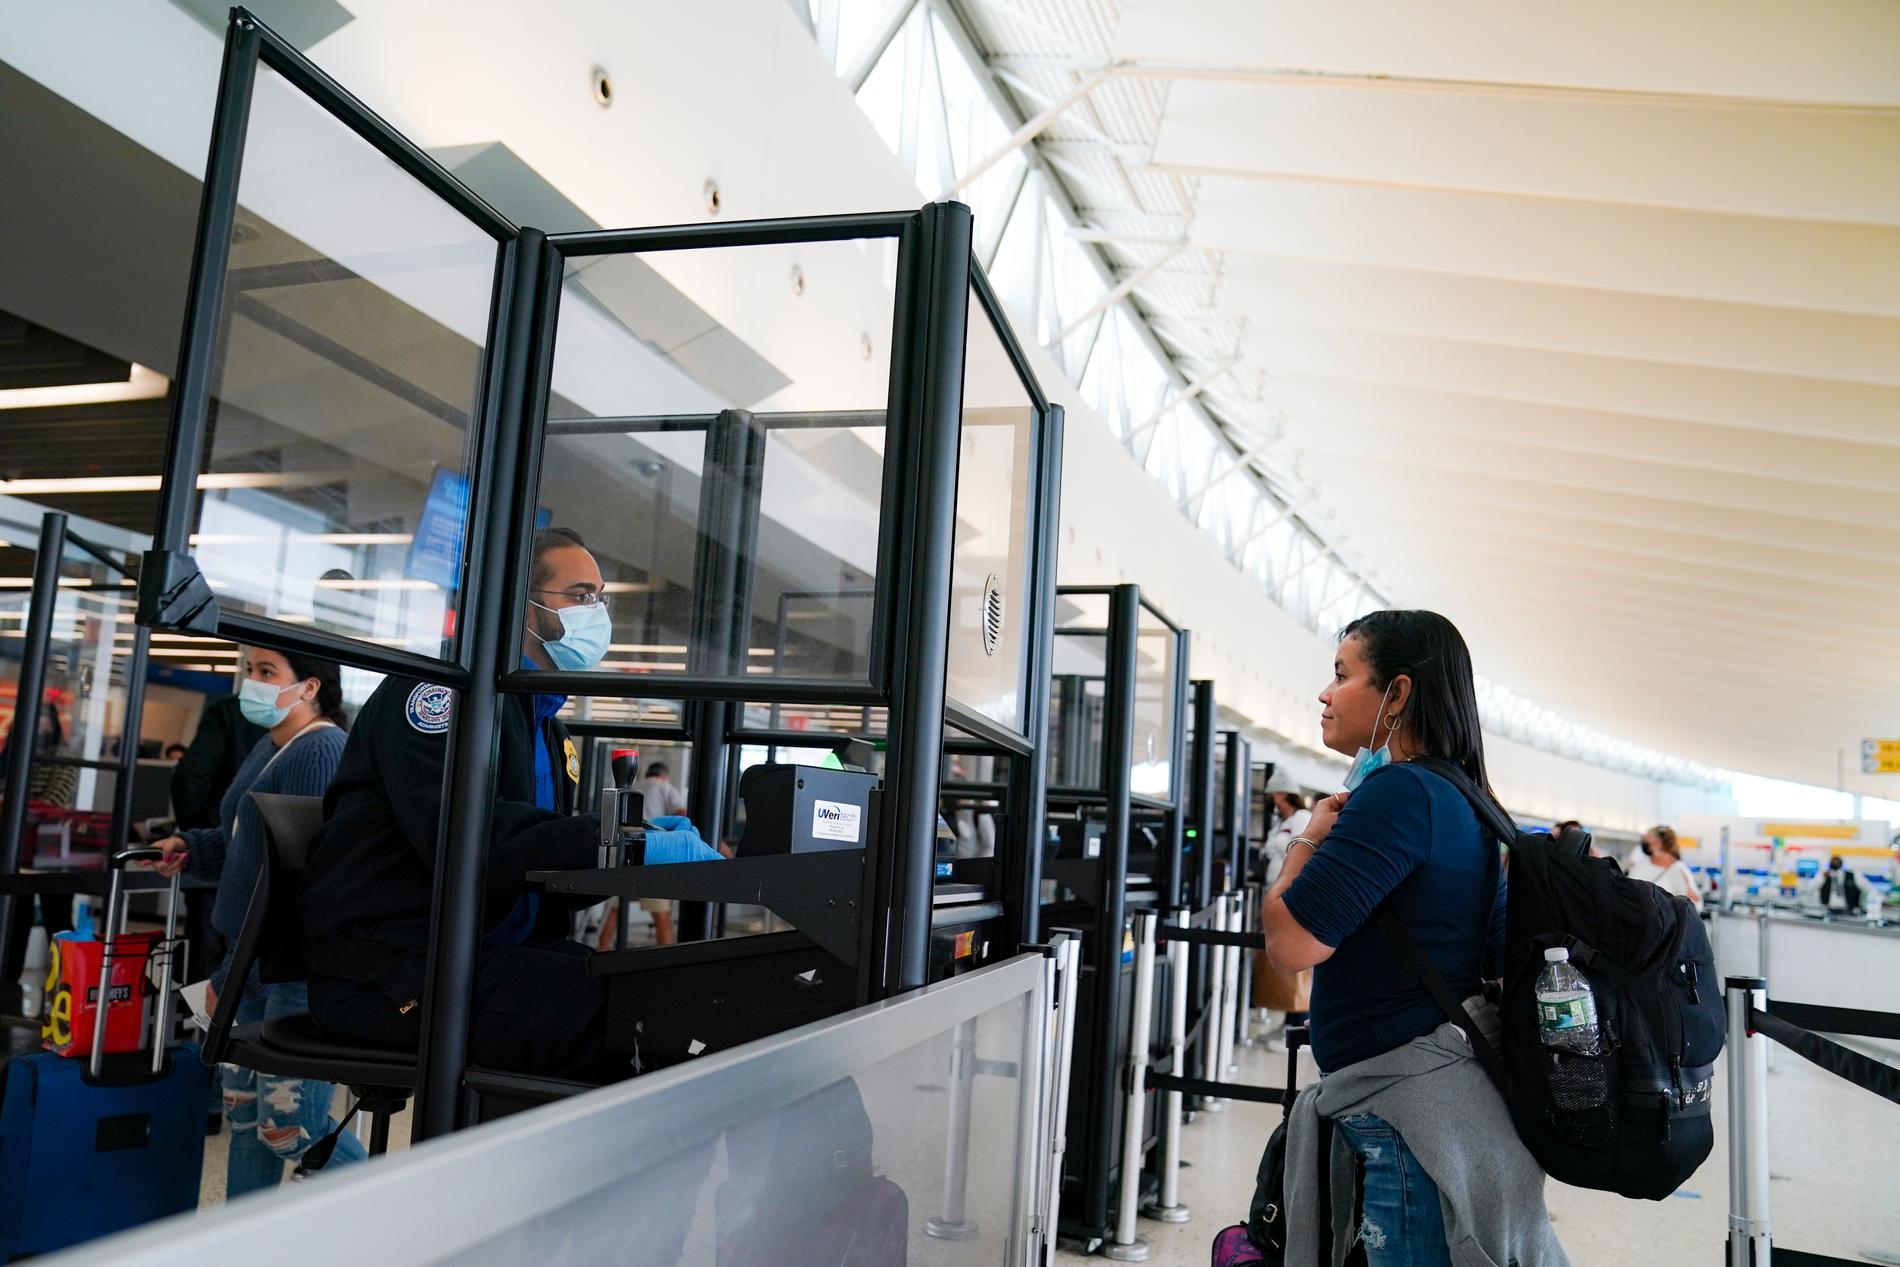 Glasväggar har satts upp på John F Kennedy-flygplatsen i New York för att hålla personal och resenärer åtskilda och begränsa spridningen av covid-19. Arkivbild.